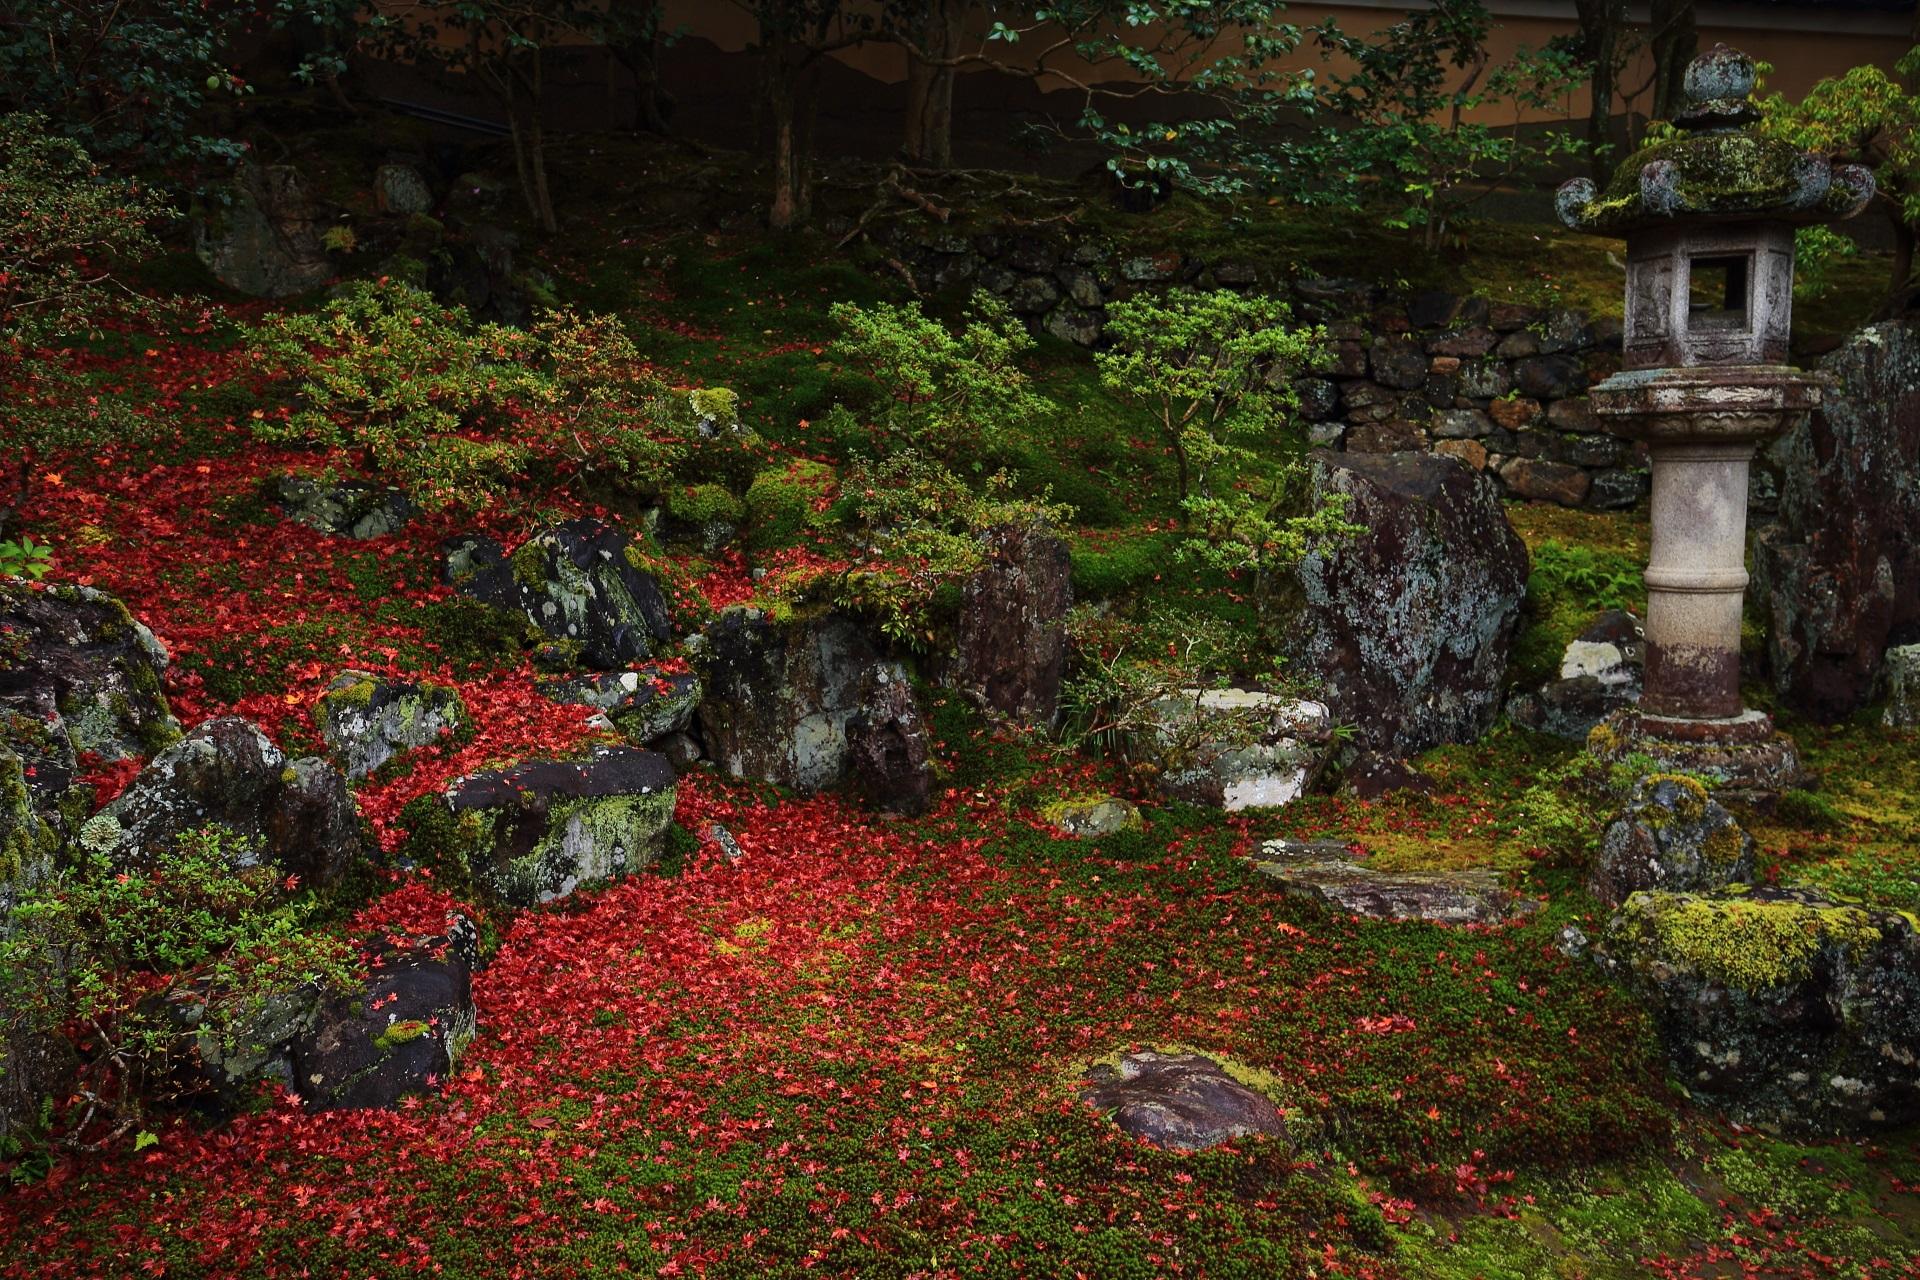 豪快な散りもみじに染まった様々な形や大きさの岩と佇む燈籠